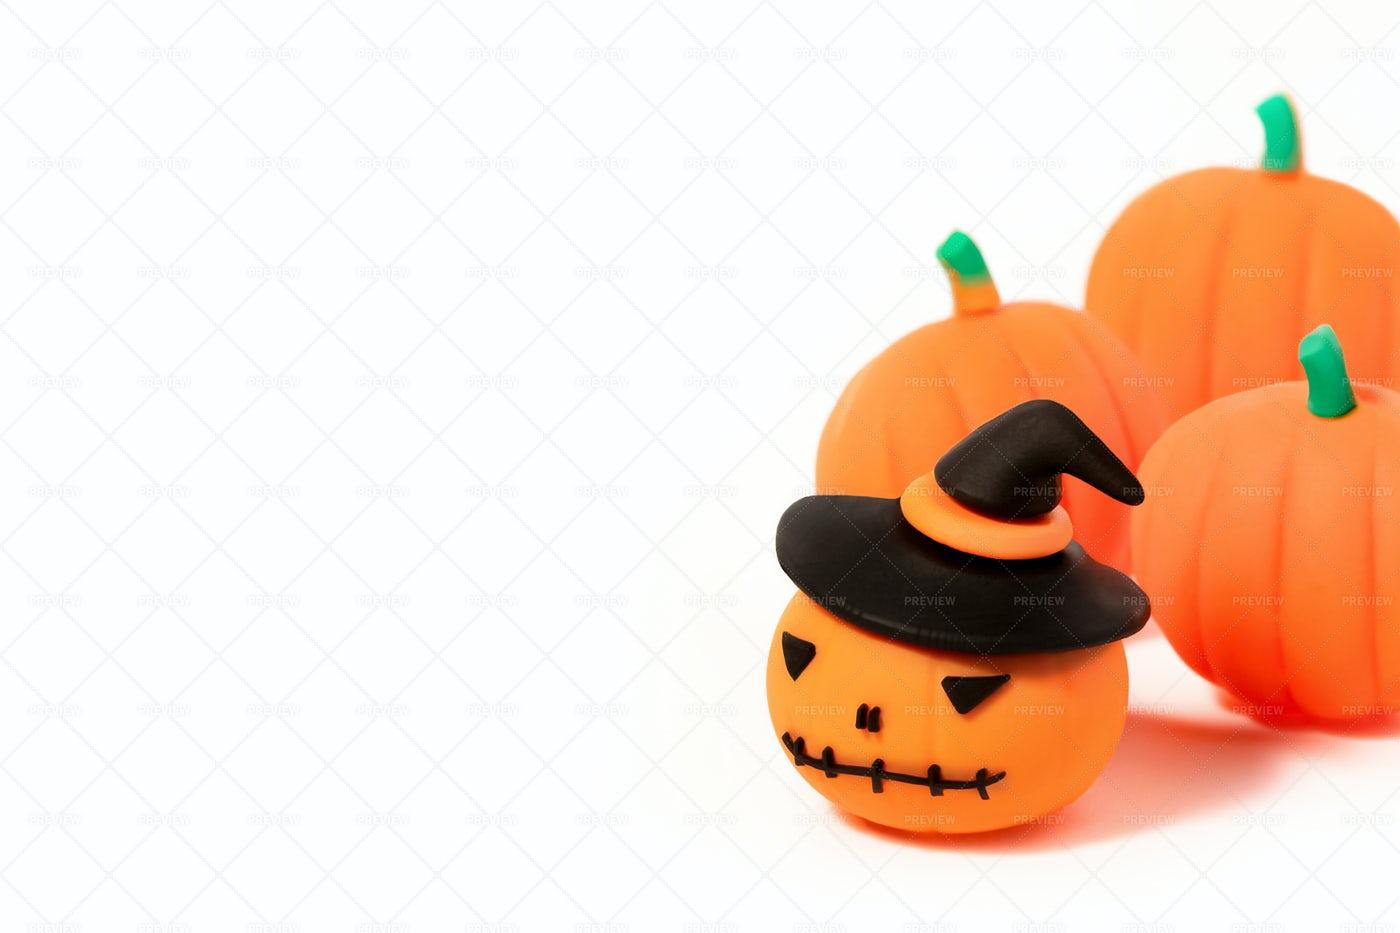 Halloween Toy Pumpkins: Stock Photos